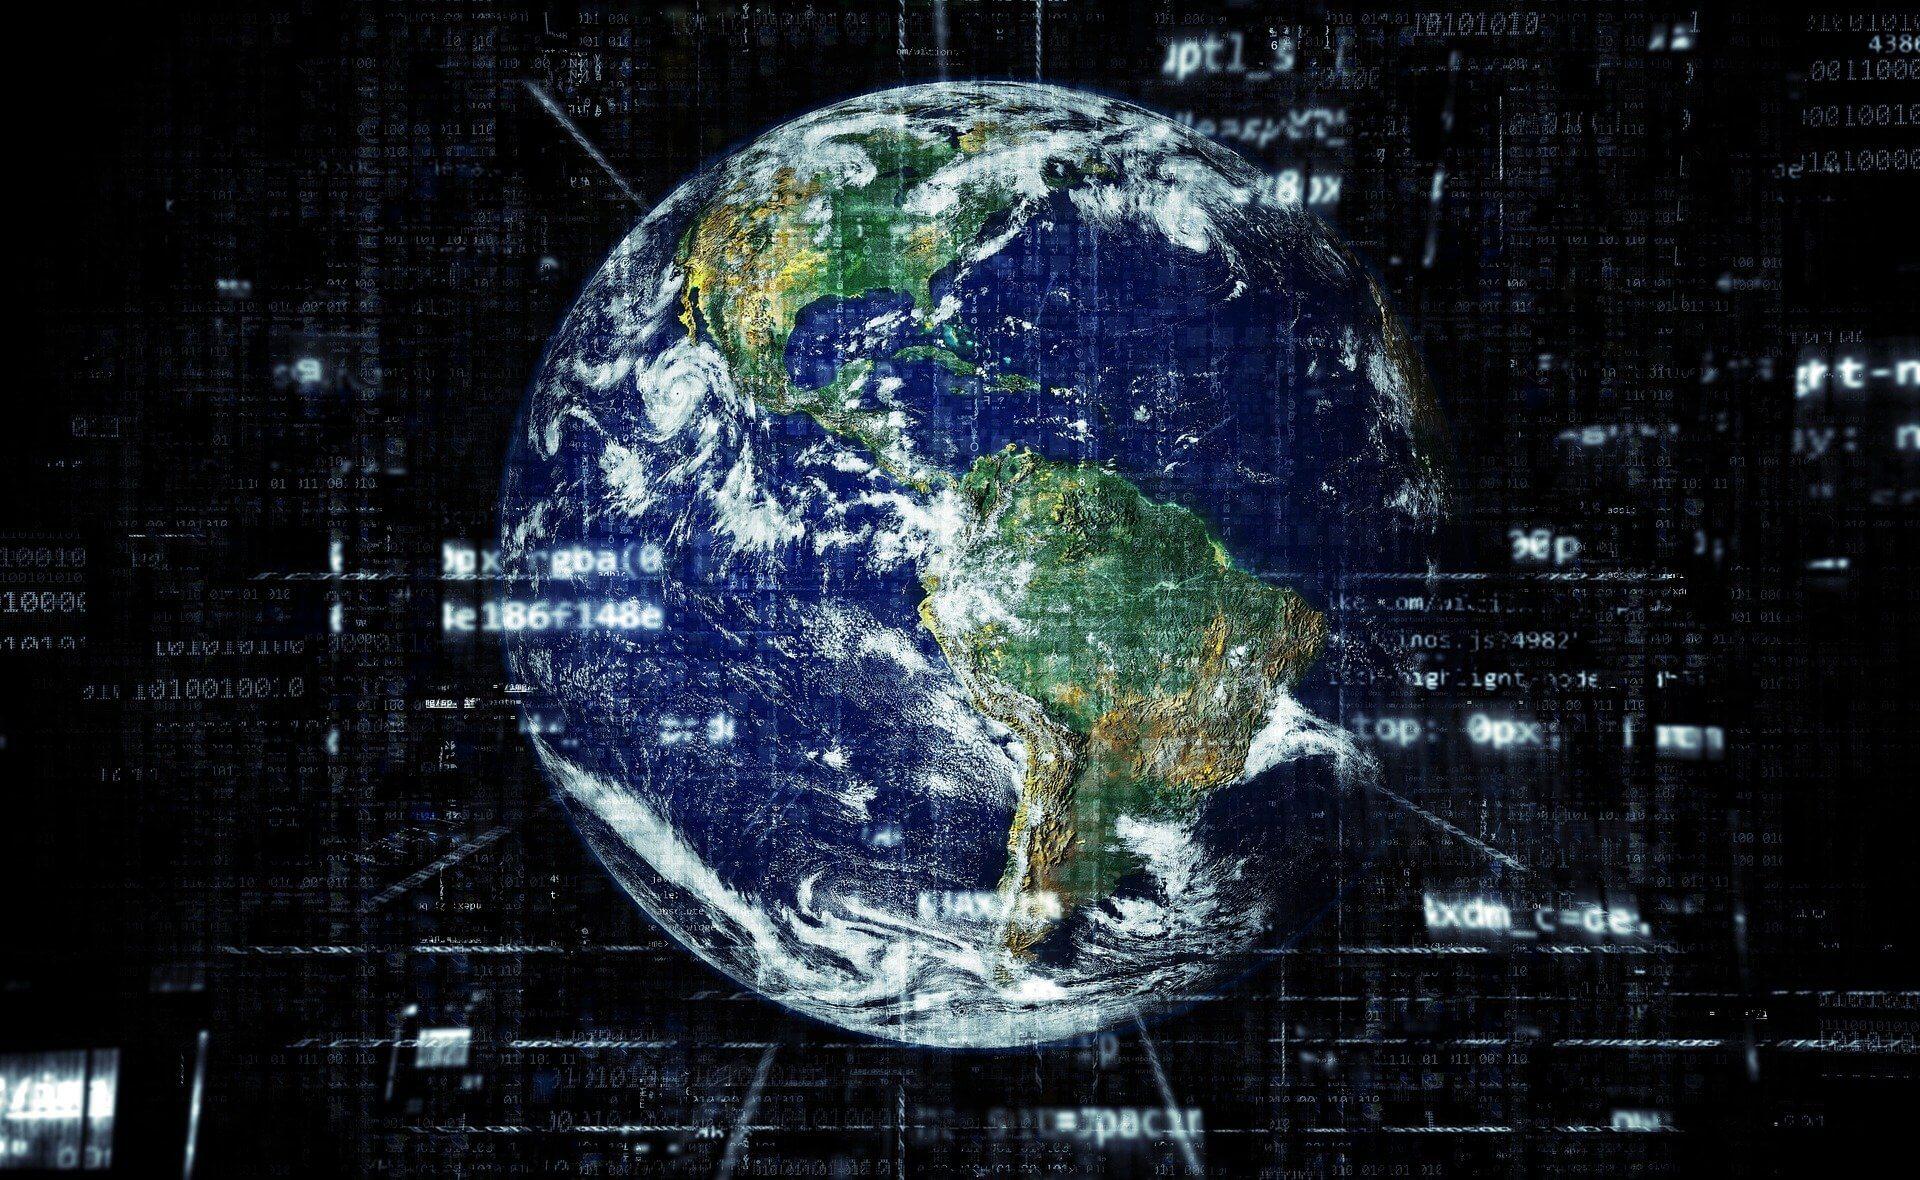 World Wide - Erde aus der Perspektive aus dem All